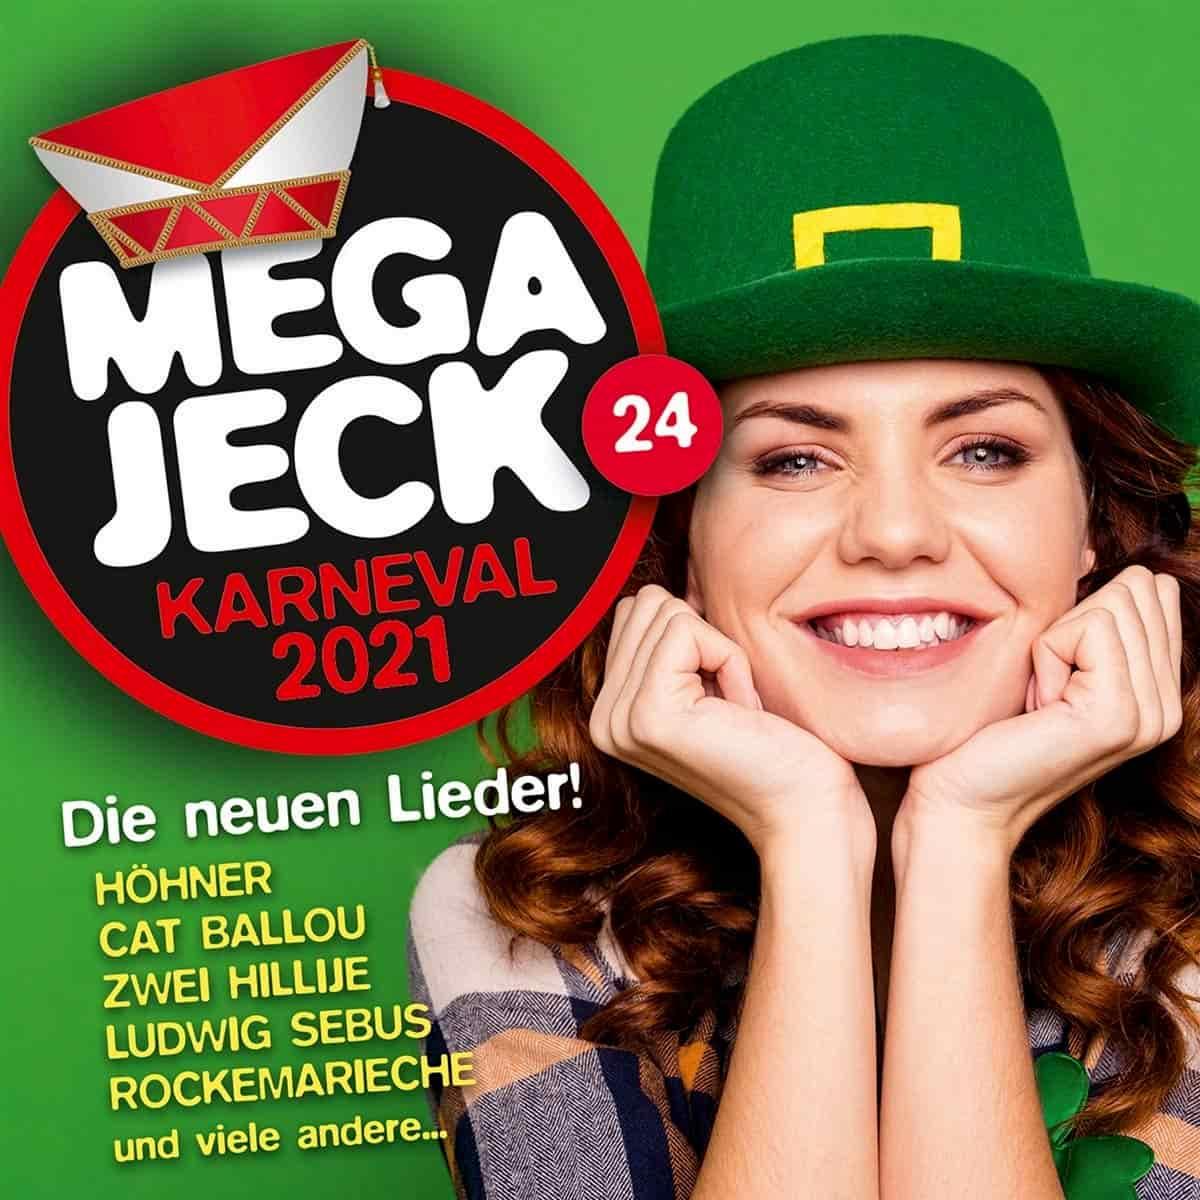 Mega Jeck 24 - die Mega-Jeck-CD für den Karneval 2021